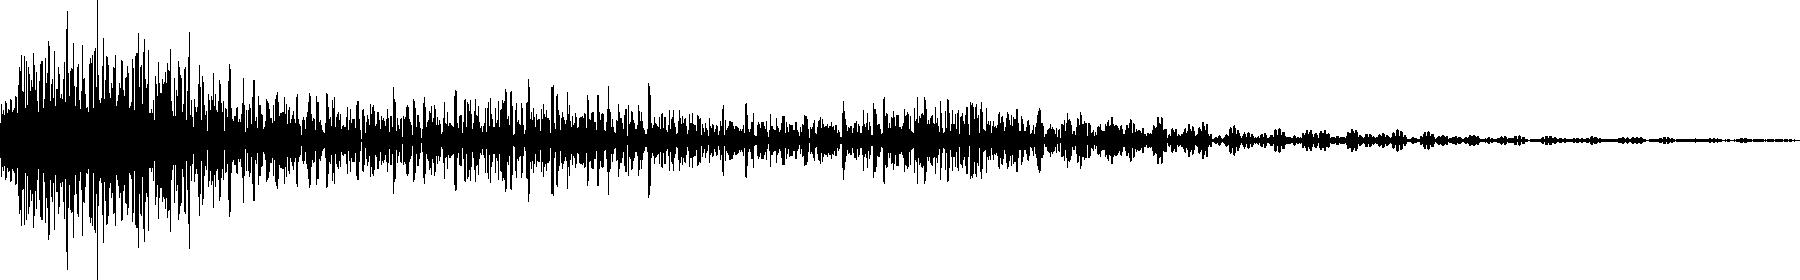 ps480 sy